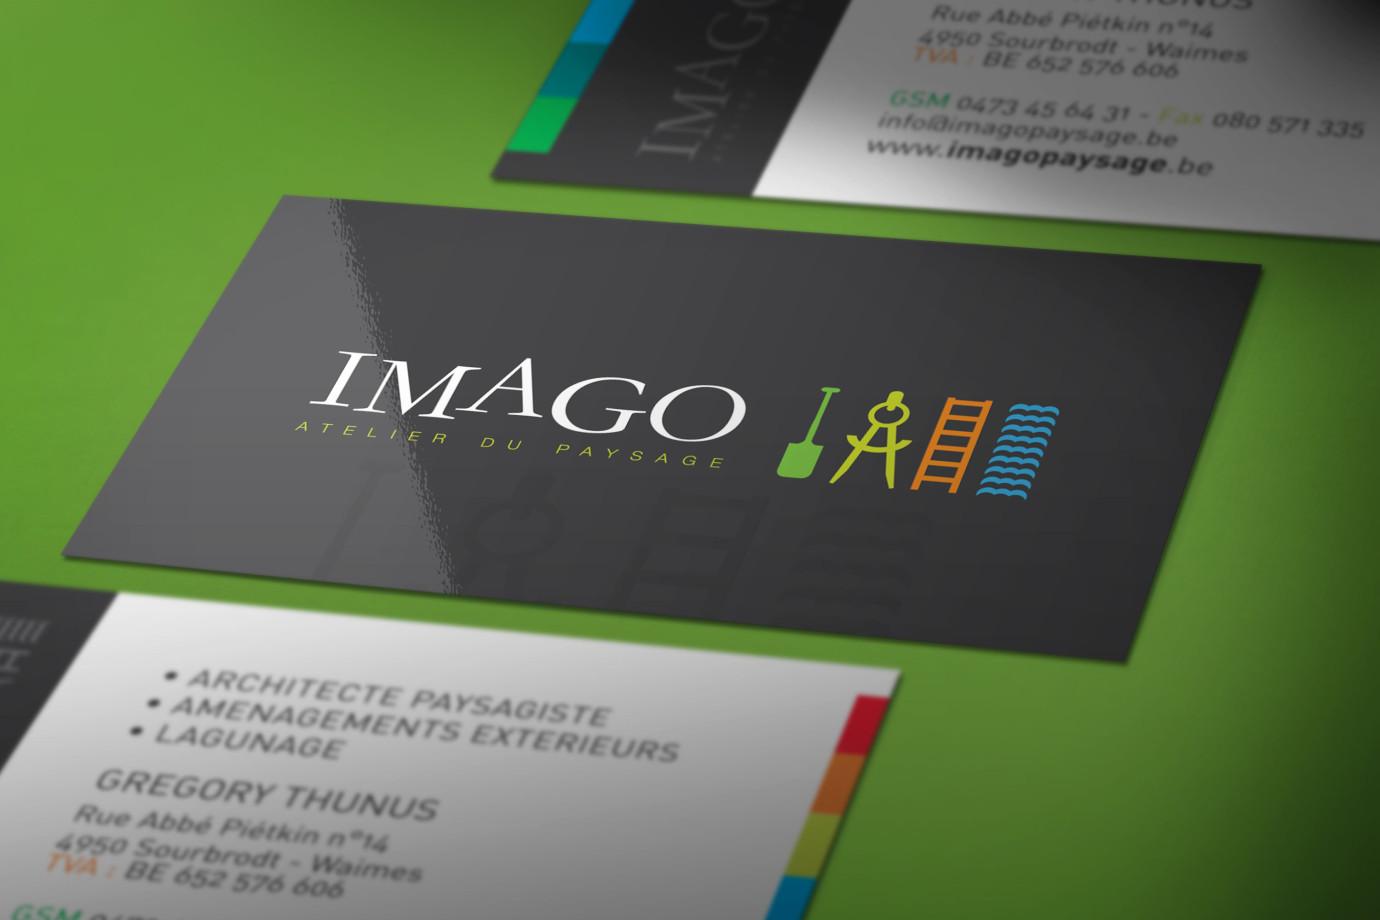 image portfolio - Imago - 2